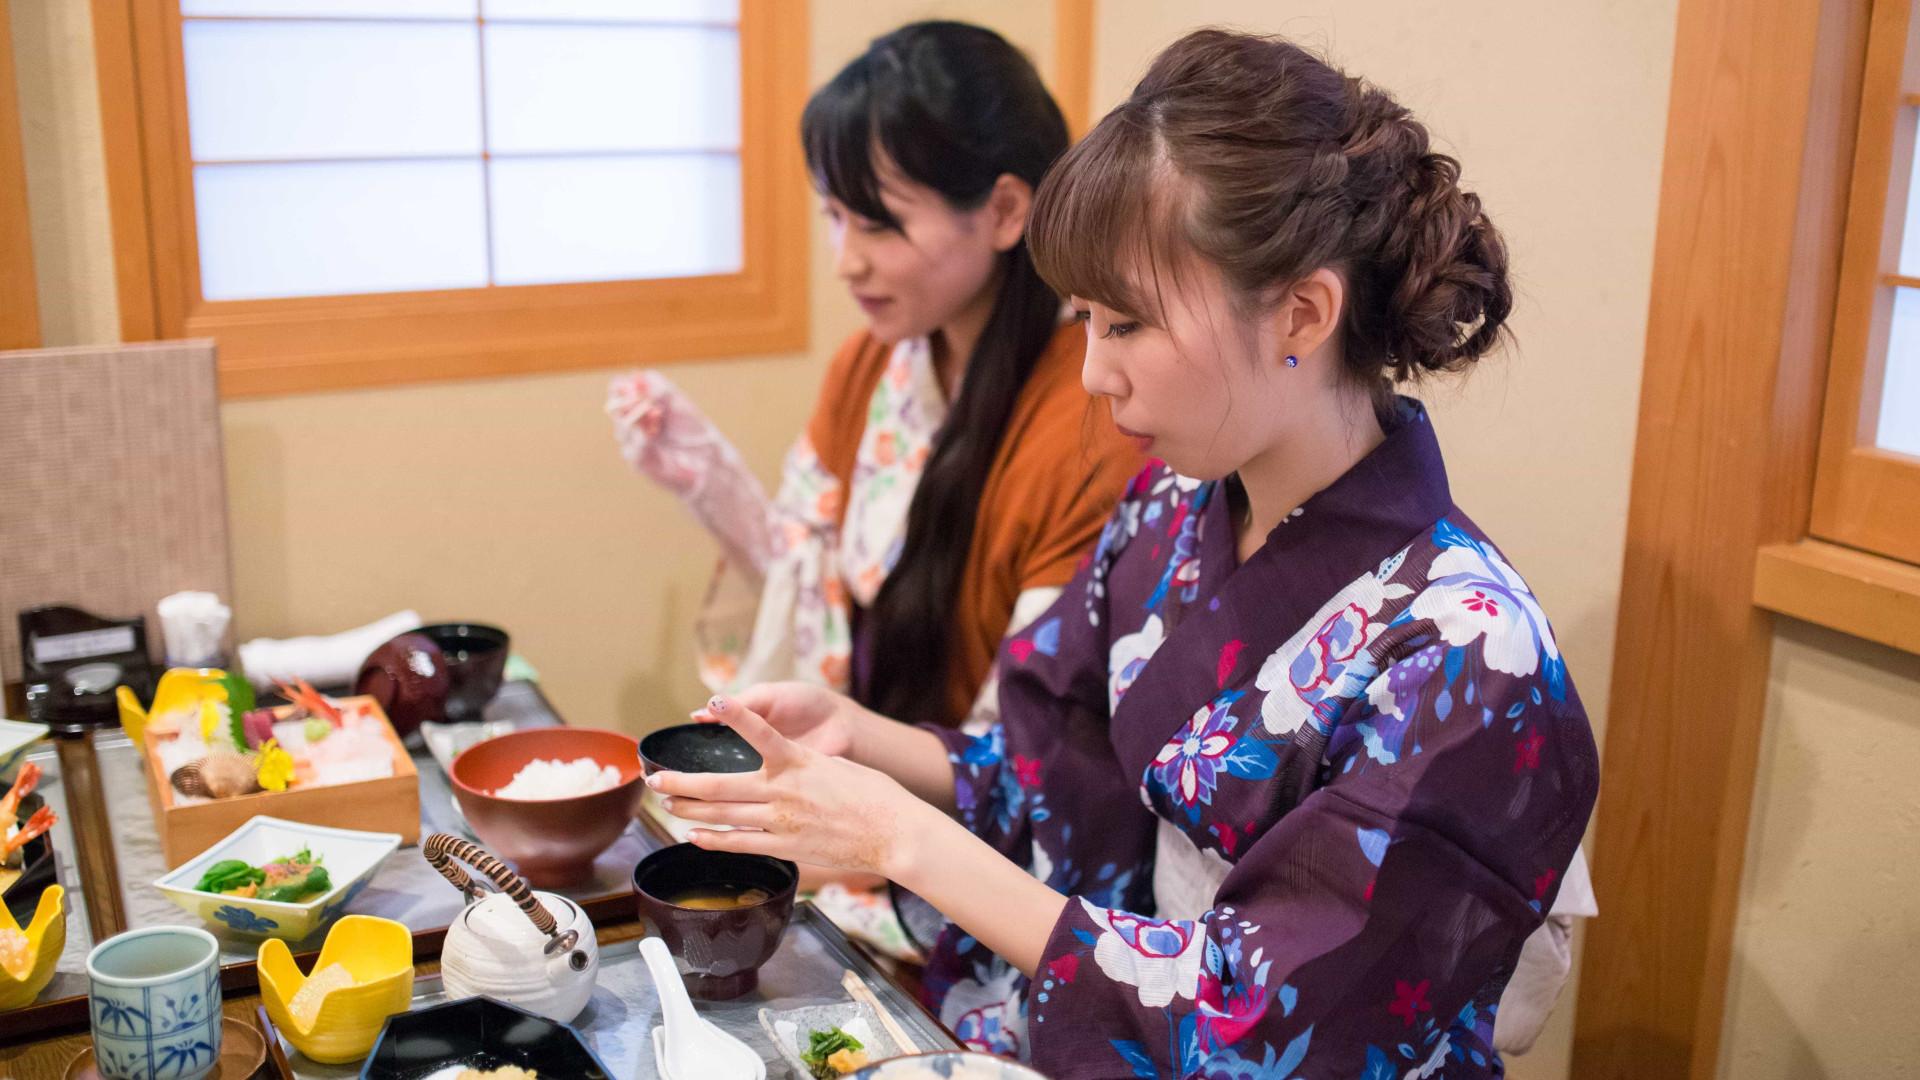 Dieta japonesa é modelo para o mundo, diz ONU